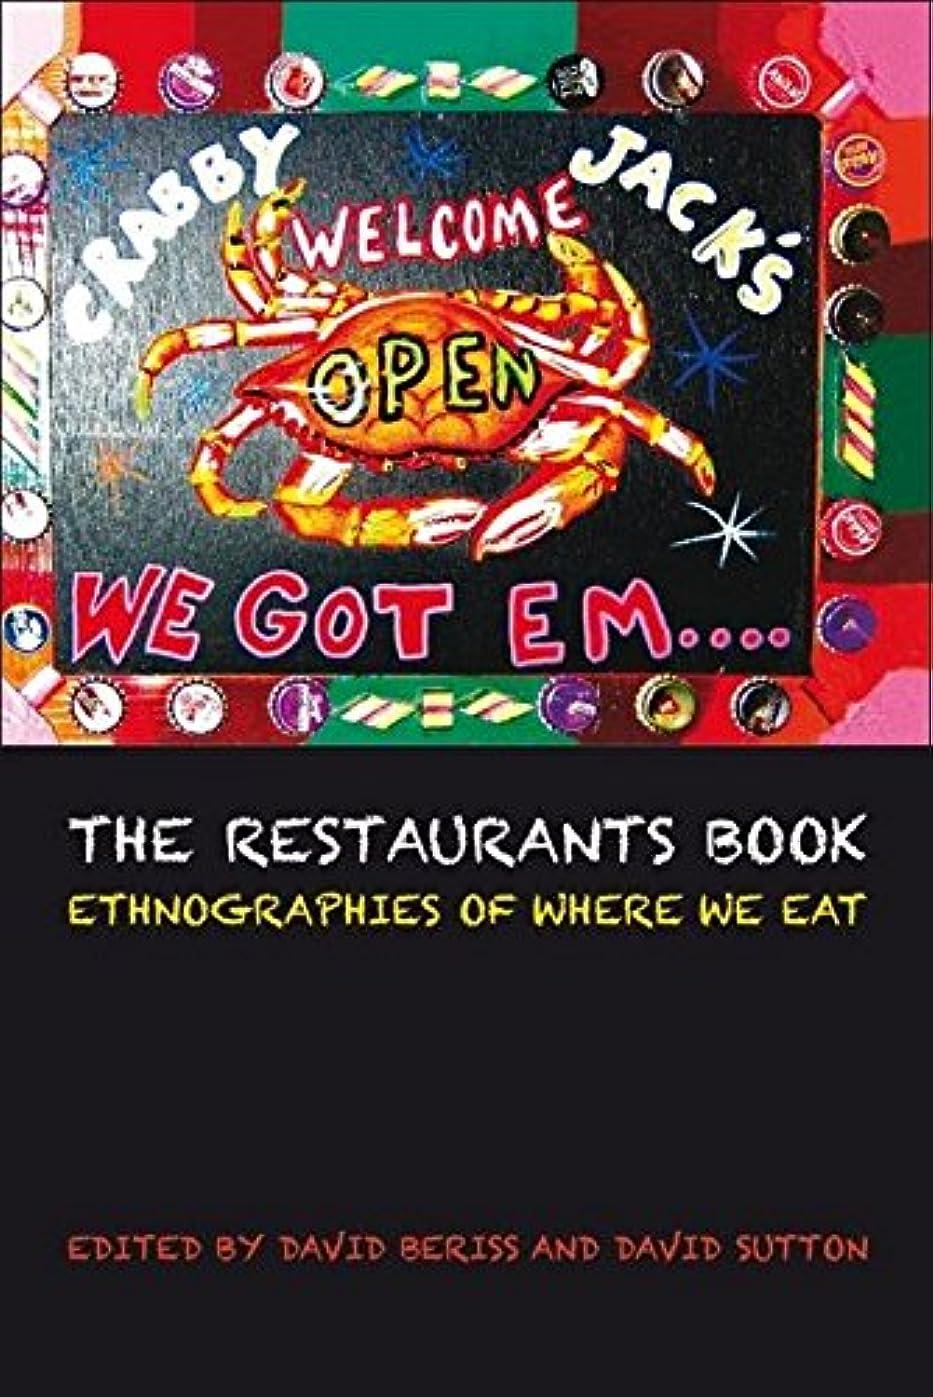 エスカレートセンチメンタル規制The Restaurants Book: Ethnographies of Where We Eat